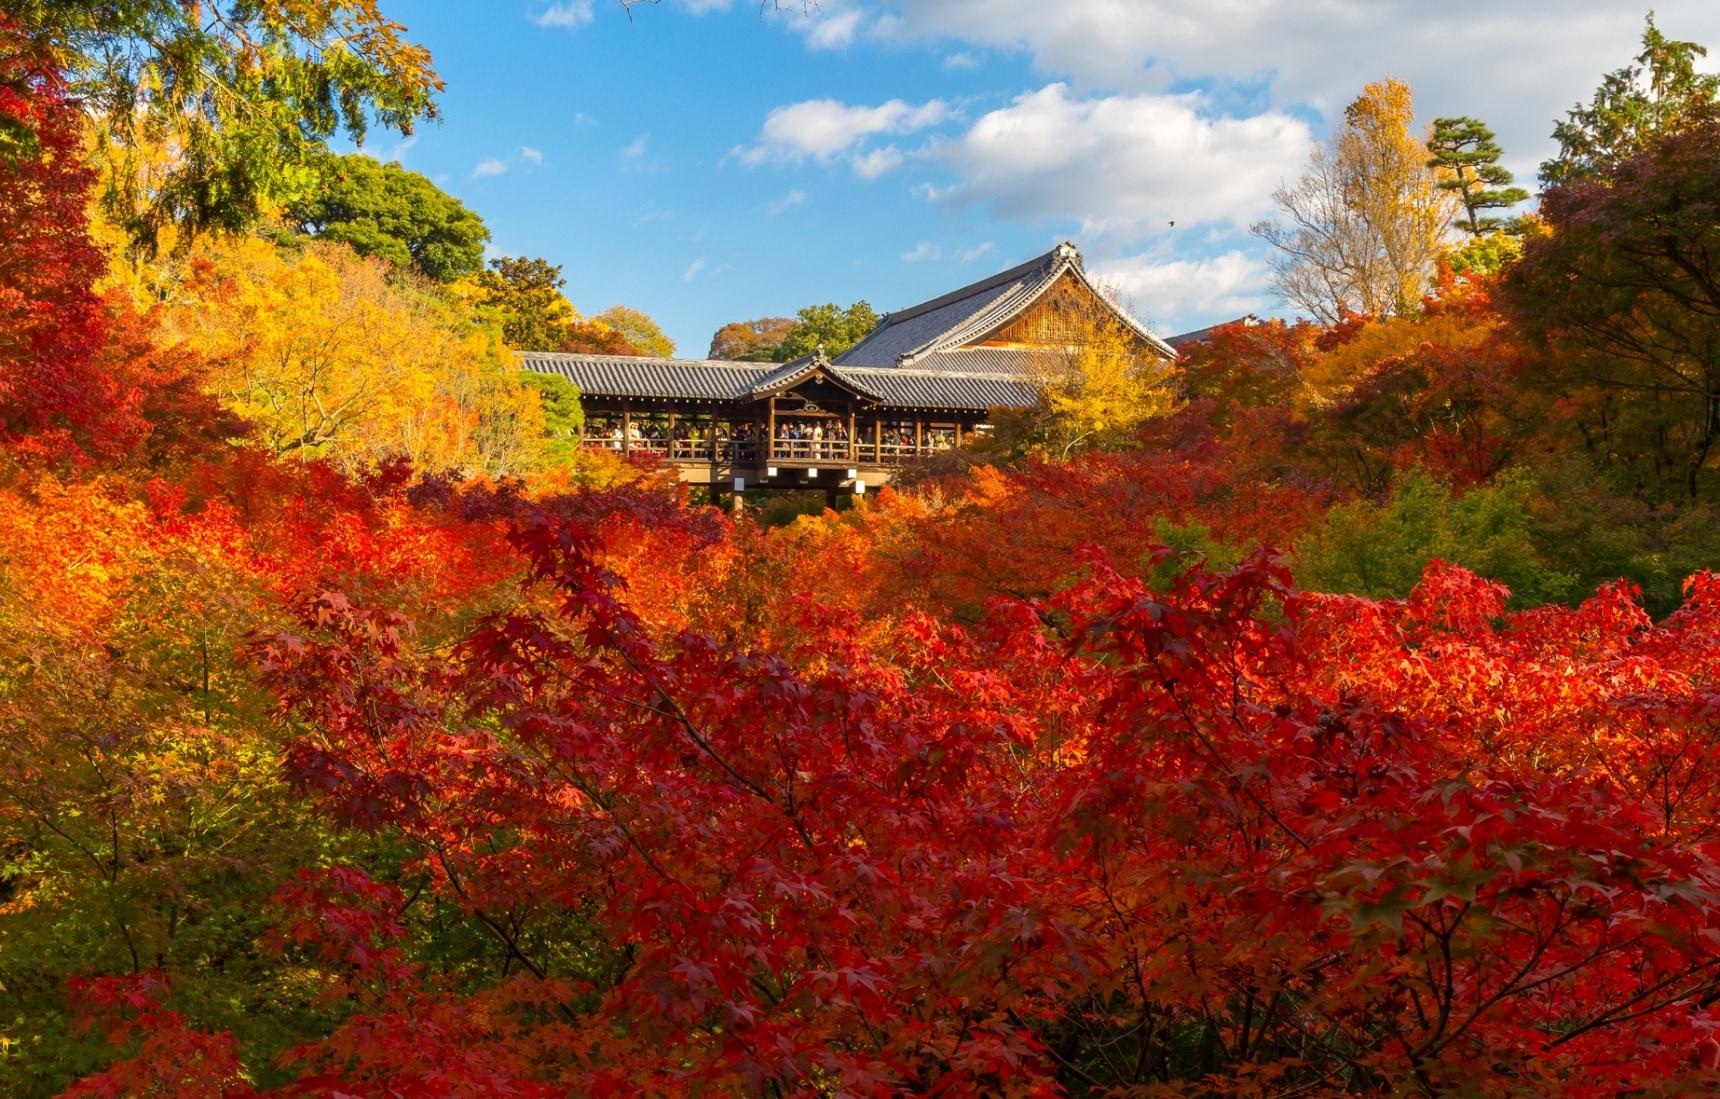 ชมใบไม้เปลี่ยนสีใน 5 วัดดังของเกียวโต